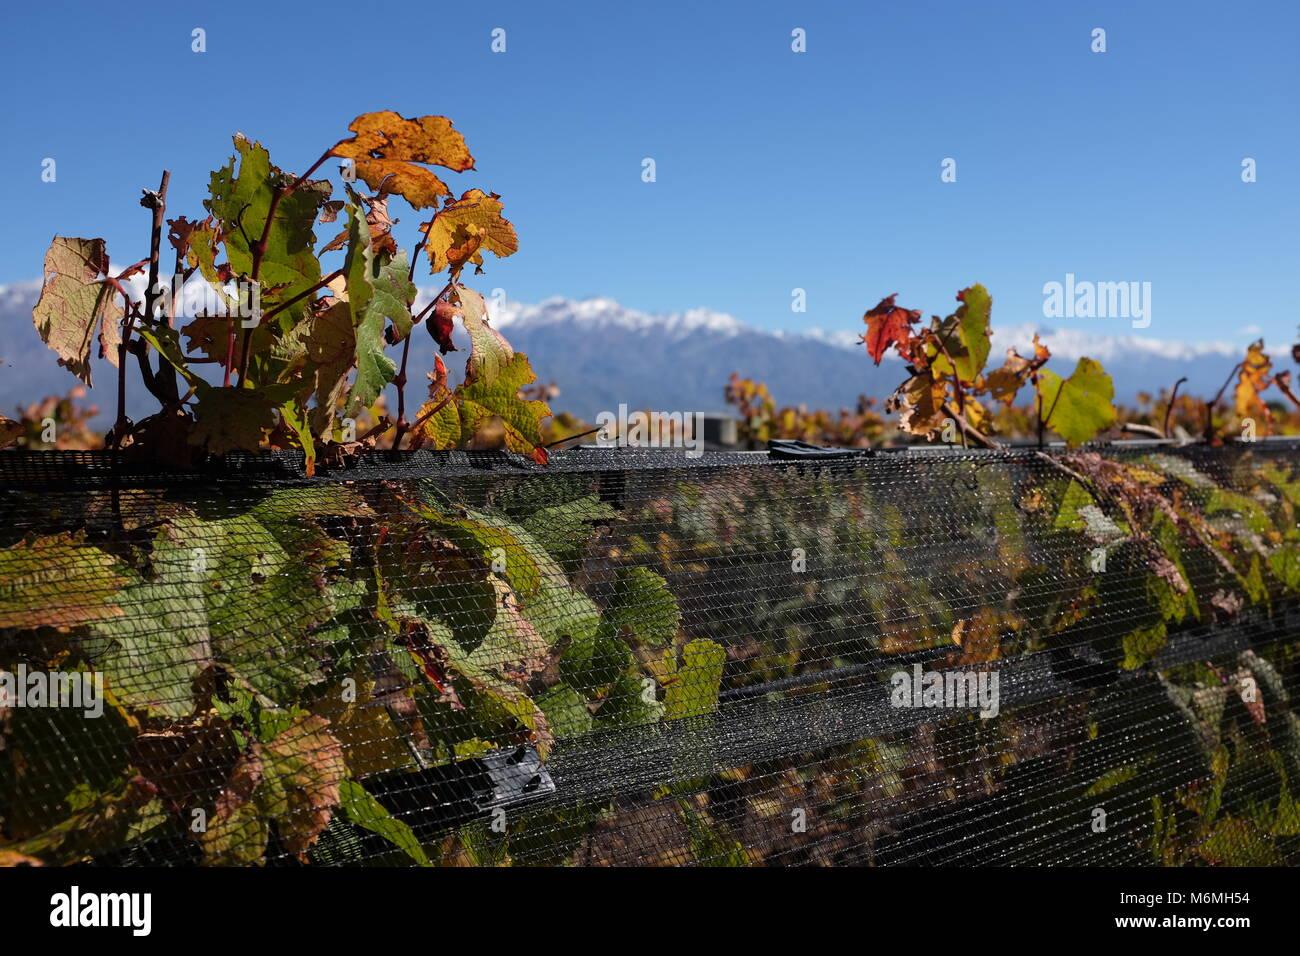 Vines in Argentina in autumn - Stock Image